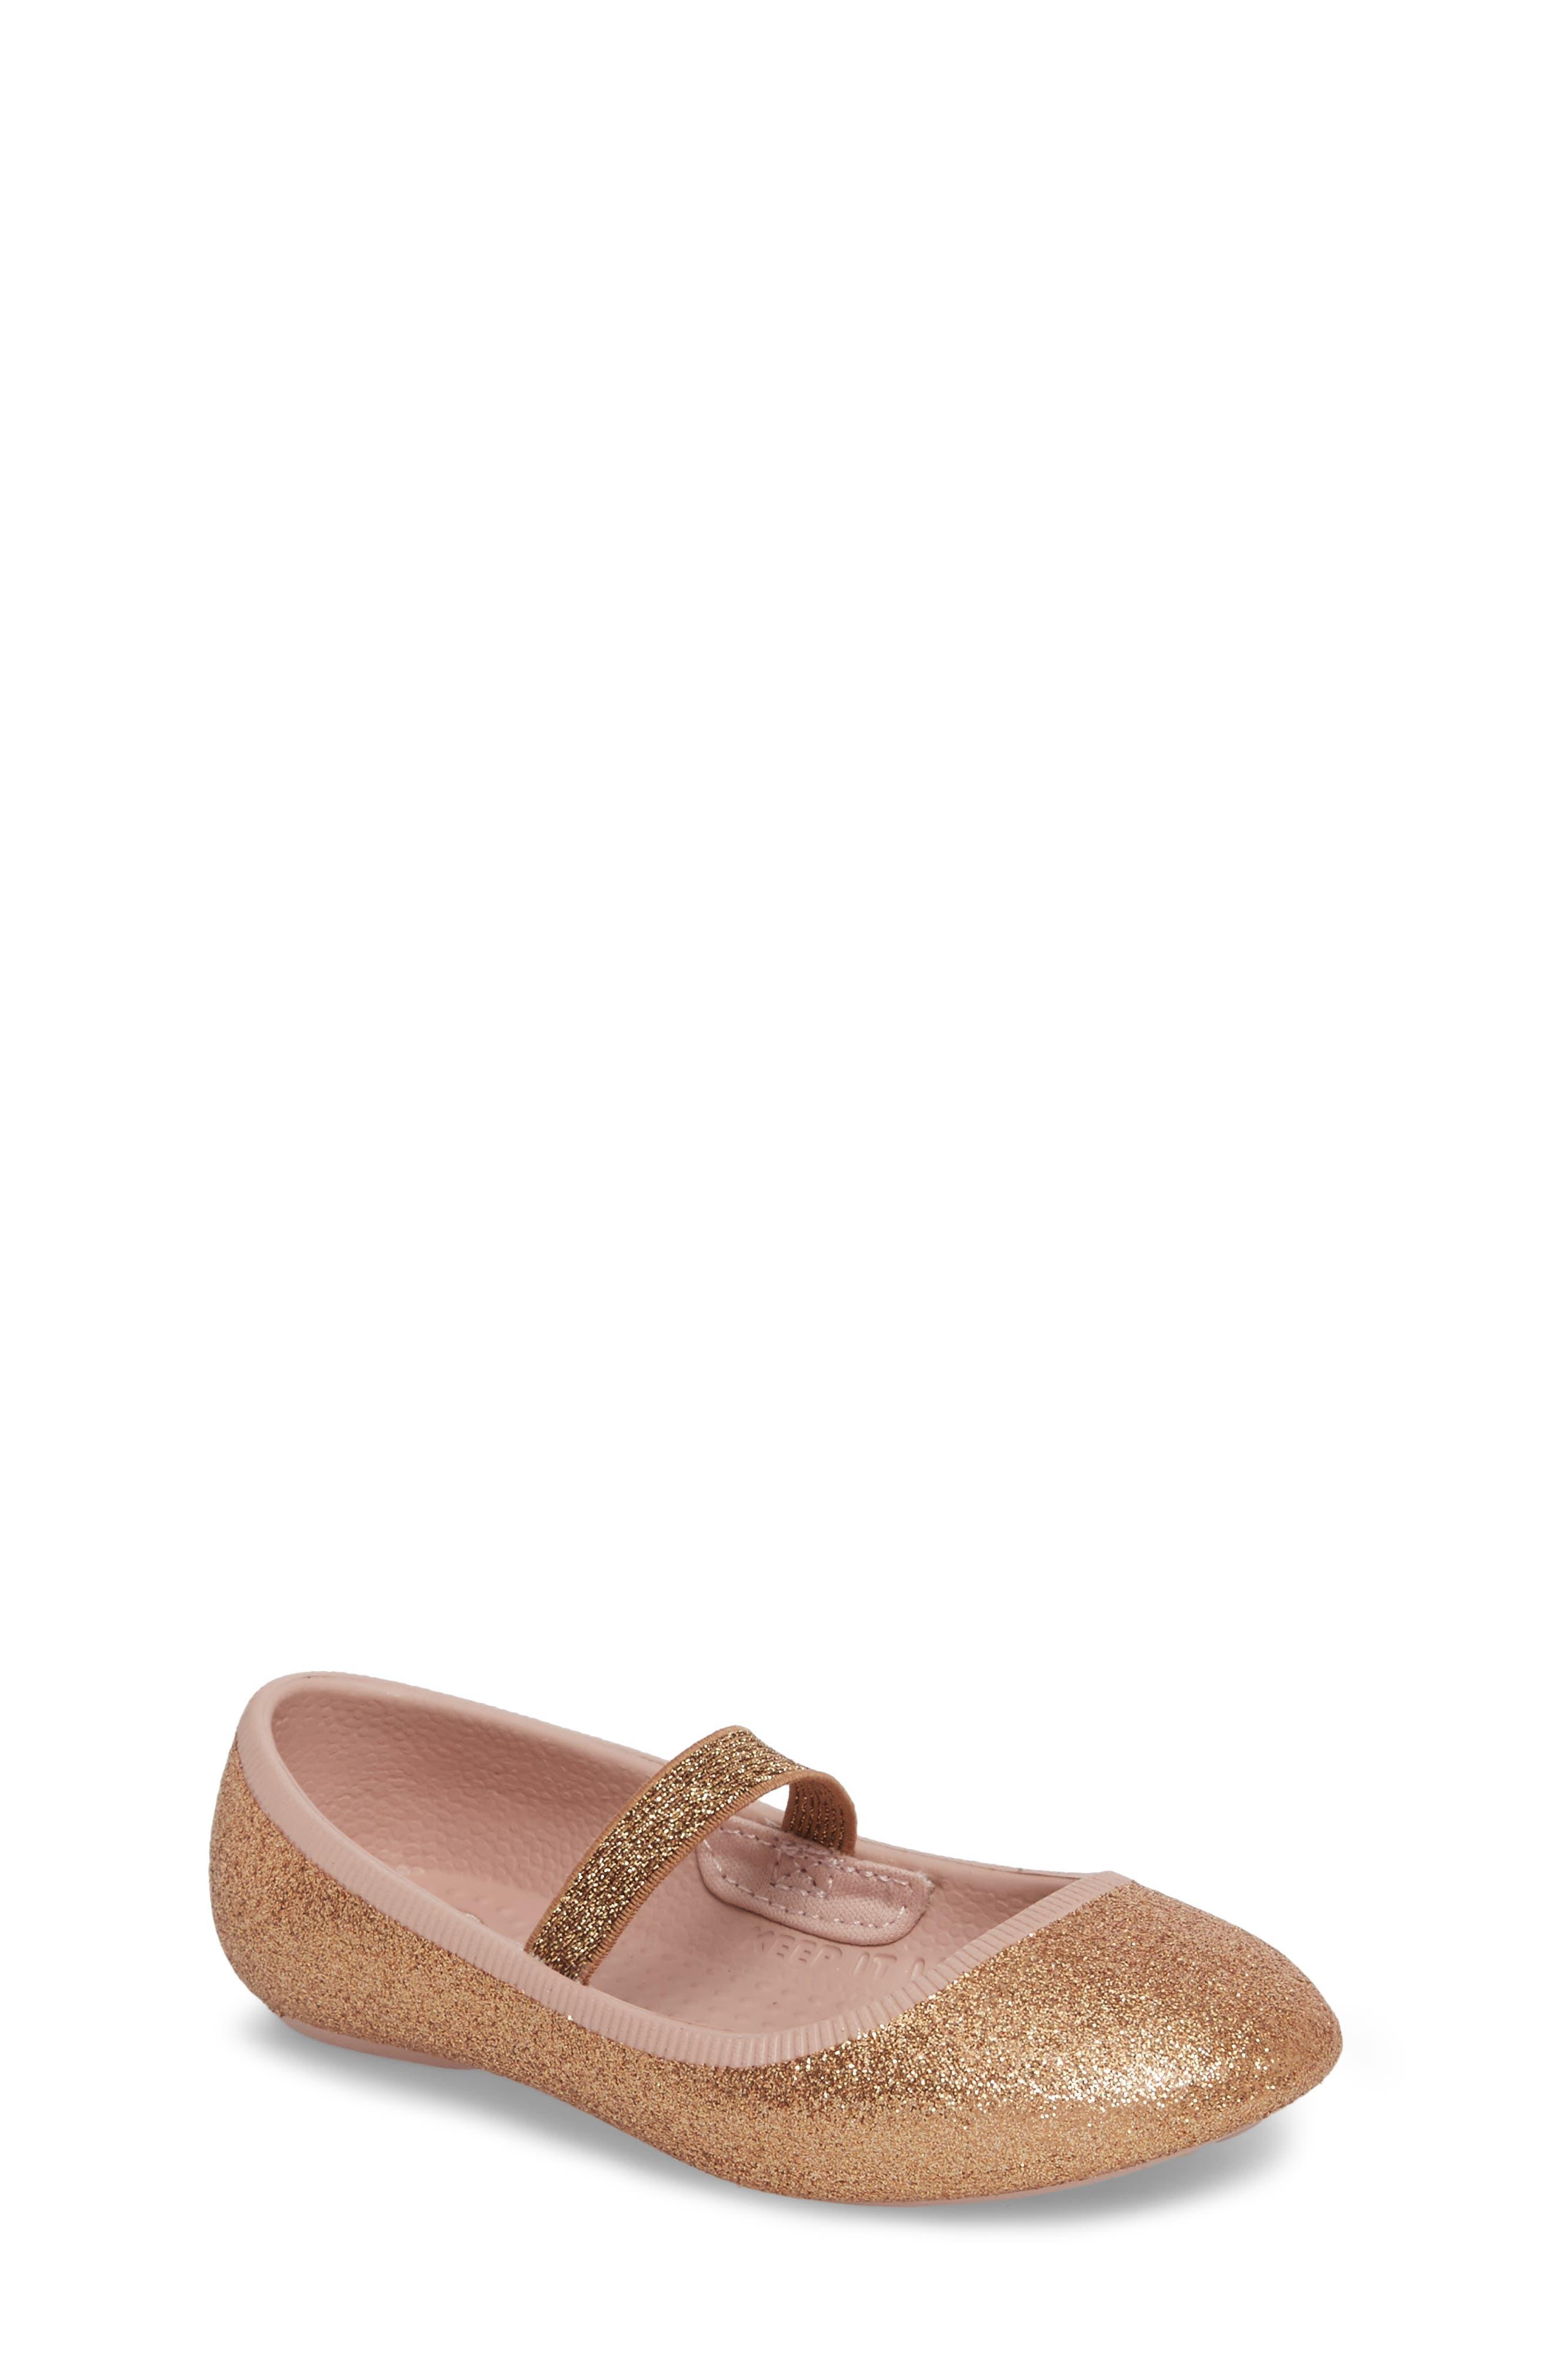 Main Image - Native Shoes Margot Bling Glitter Mary Jane (Baby, Walker, Toddler & Little Kid)